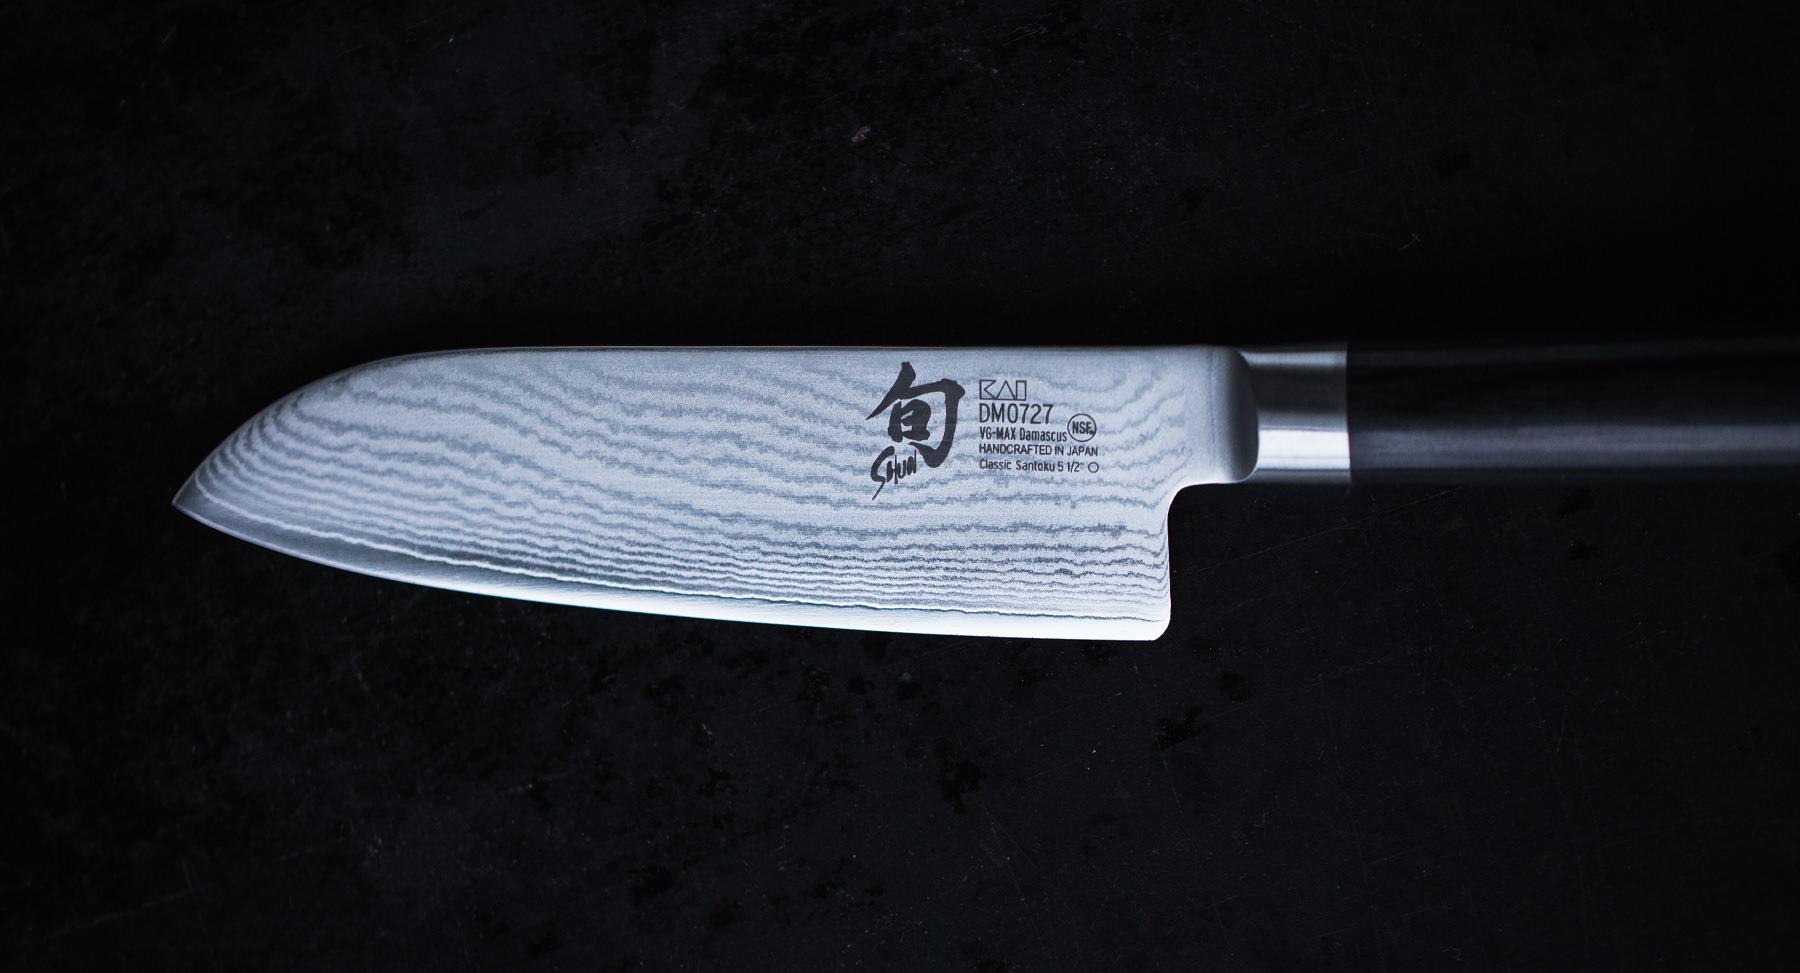 Kai Europe Samurai Pro Knife